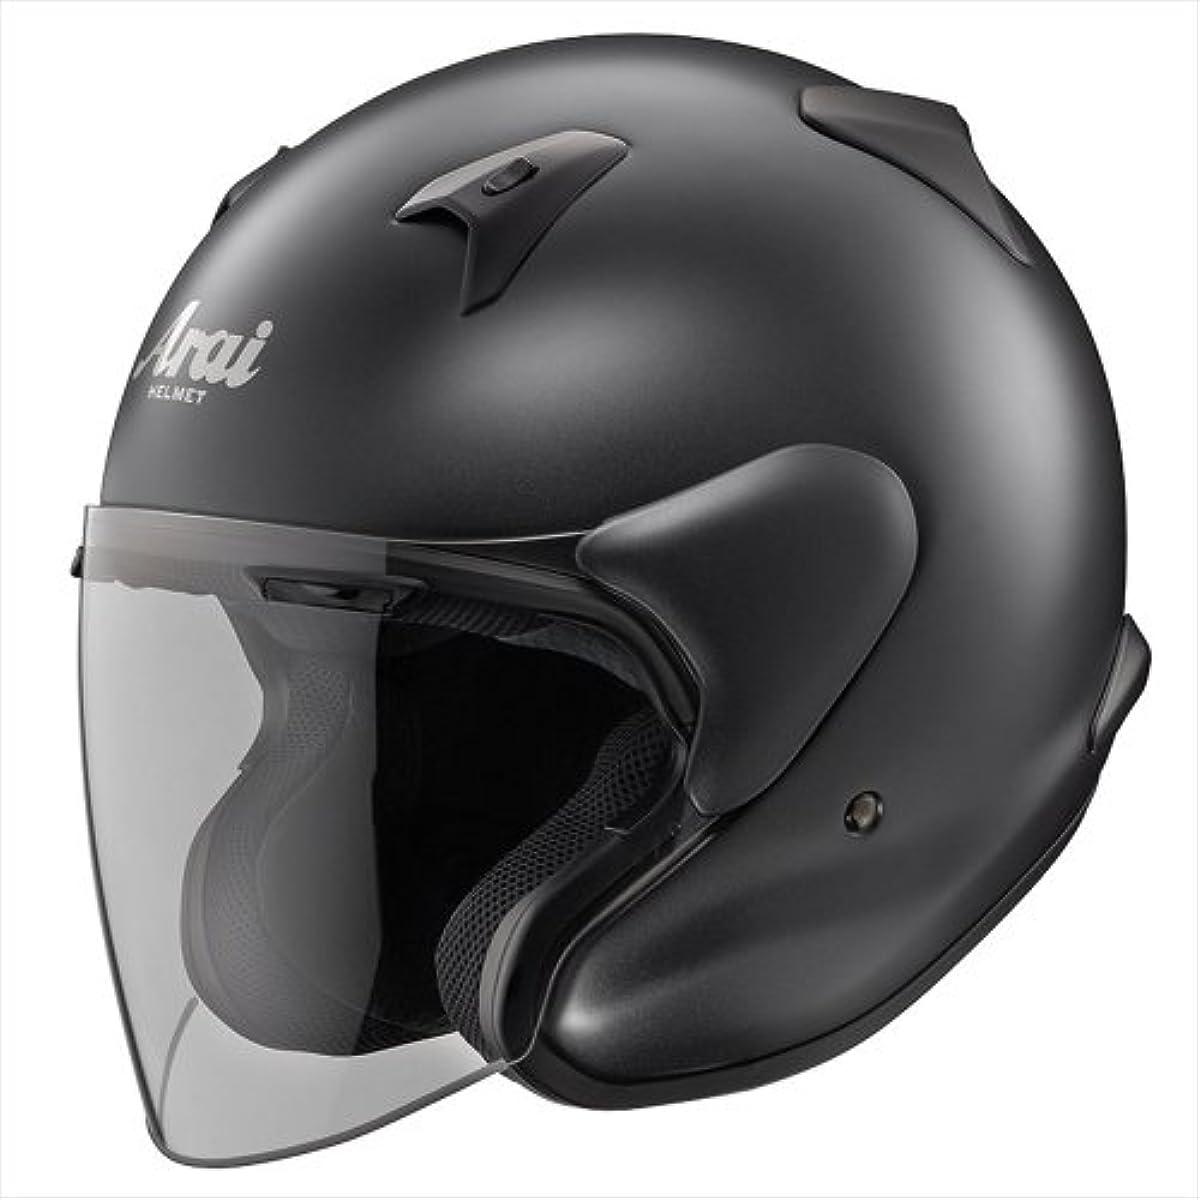 [해외] 아라이 오토바이 헬멧 제트 MZ-F 플랫 블랙L 59-60CM